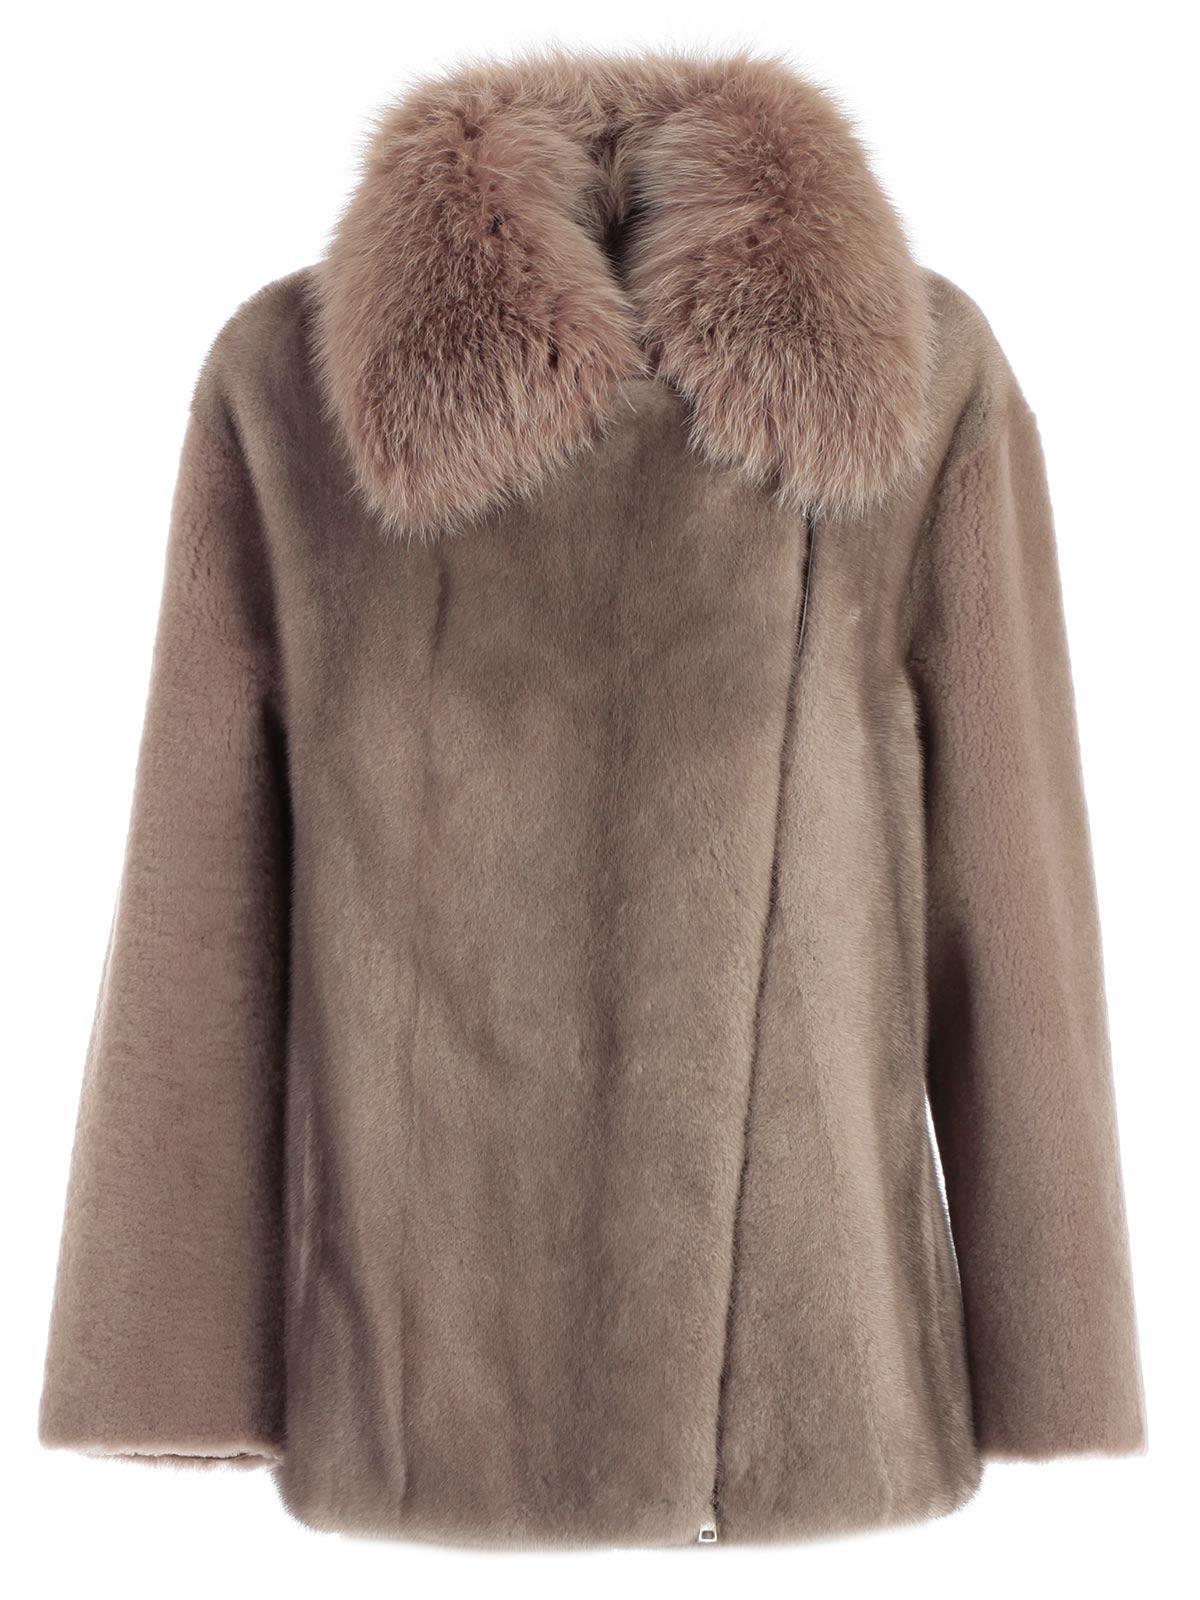 Blancha Fur Trimmed Jacket